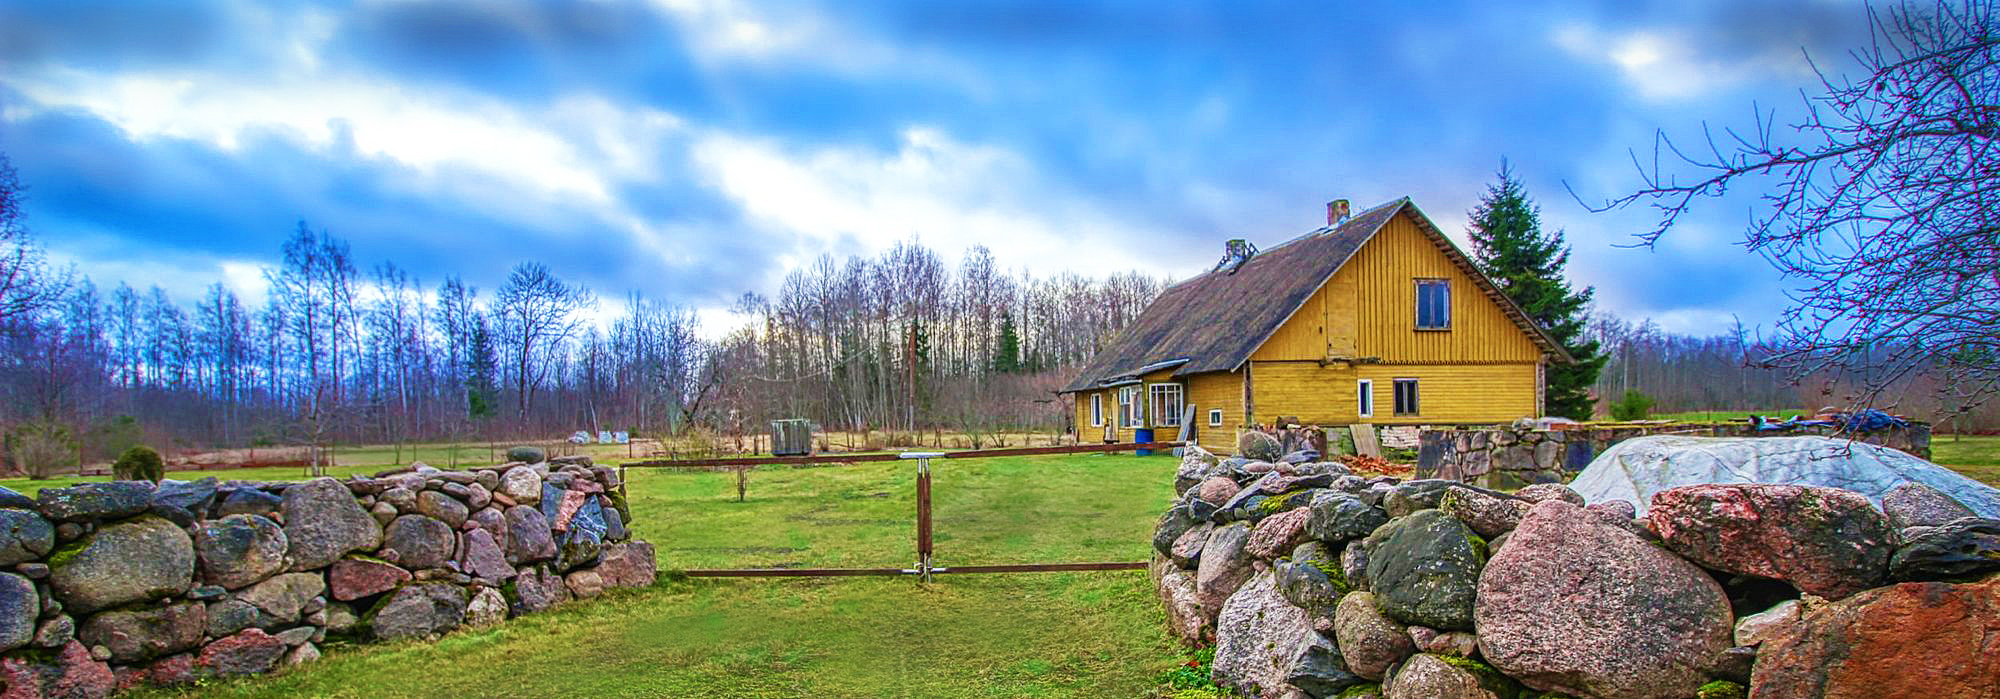 Majavaldus Viljandist 10 km